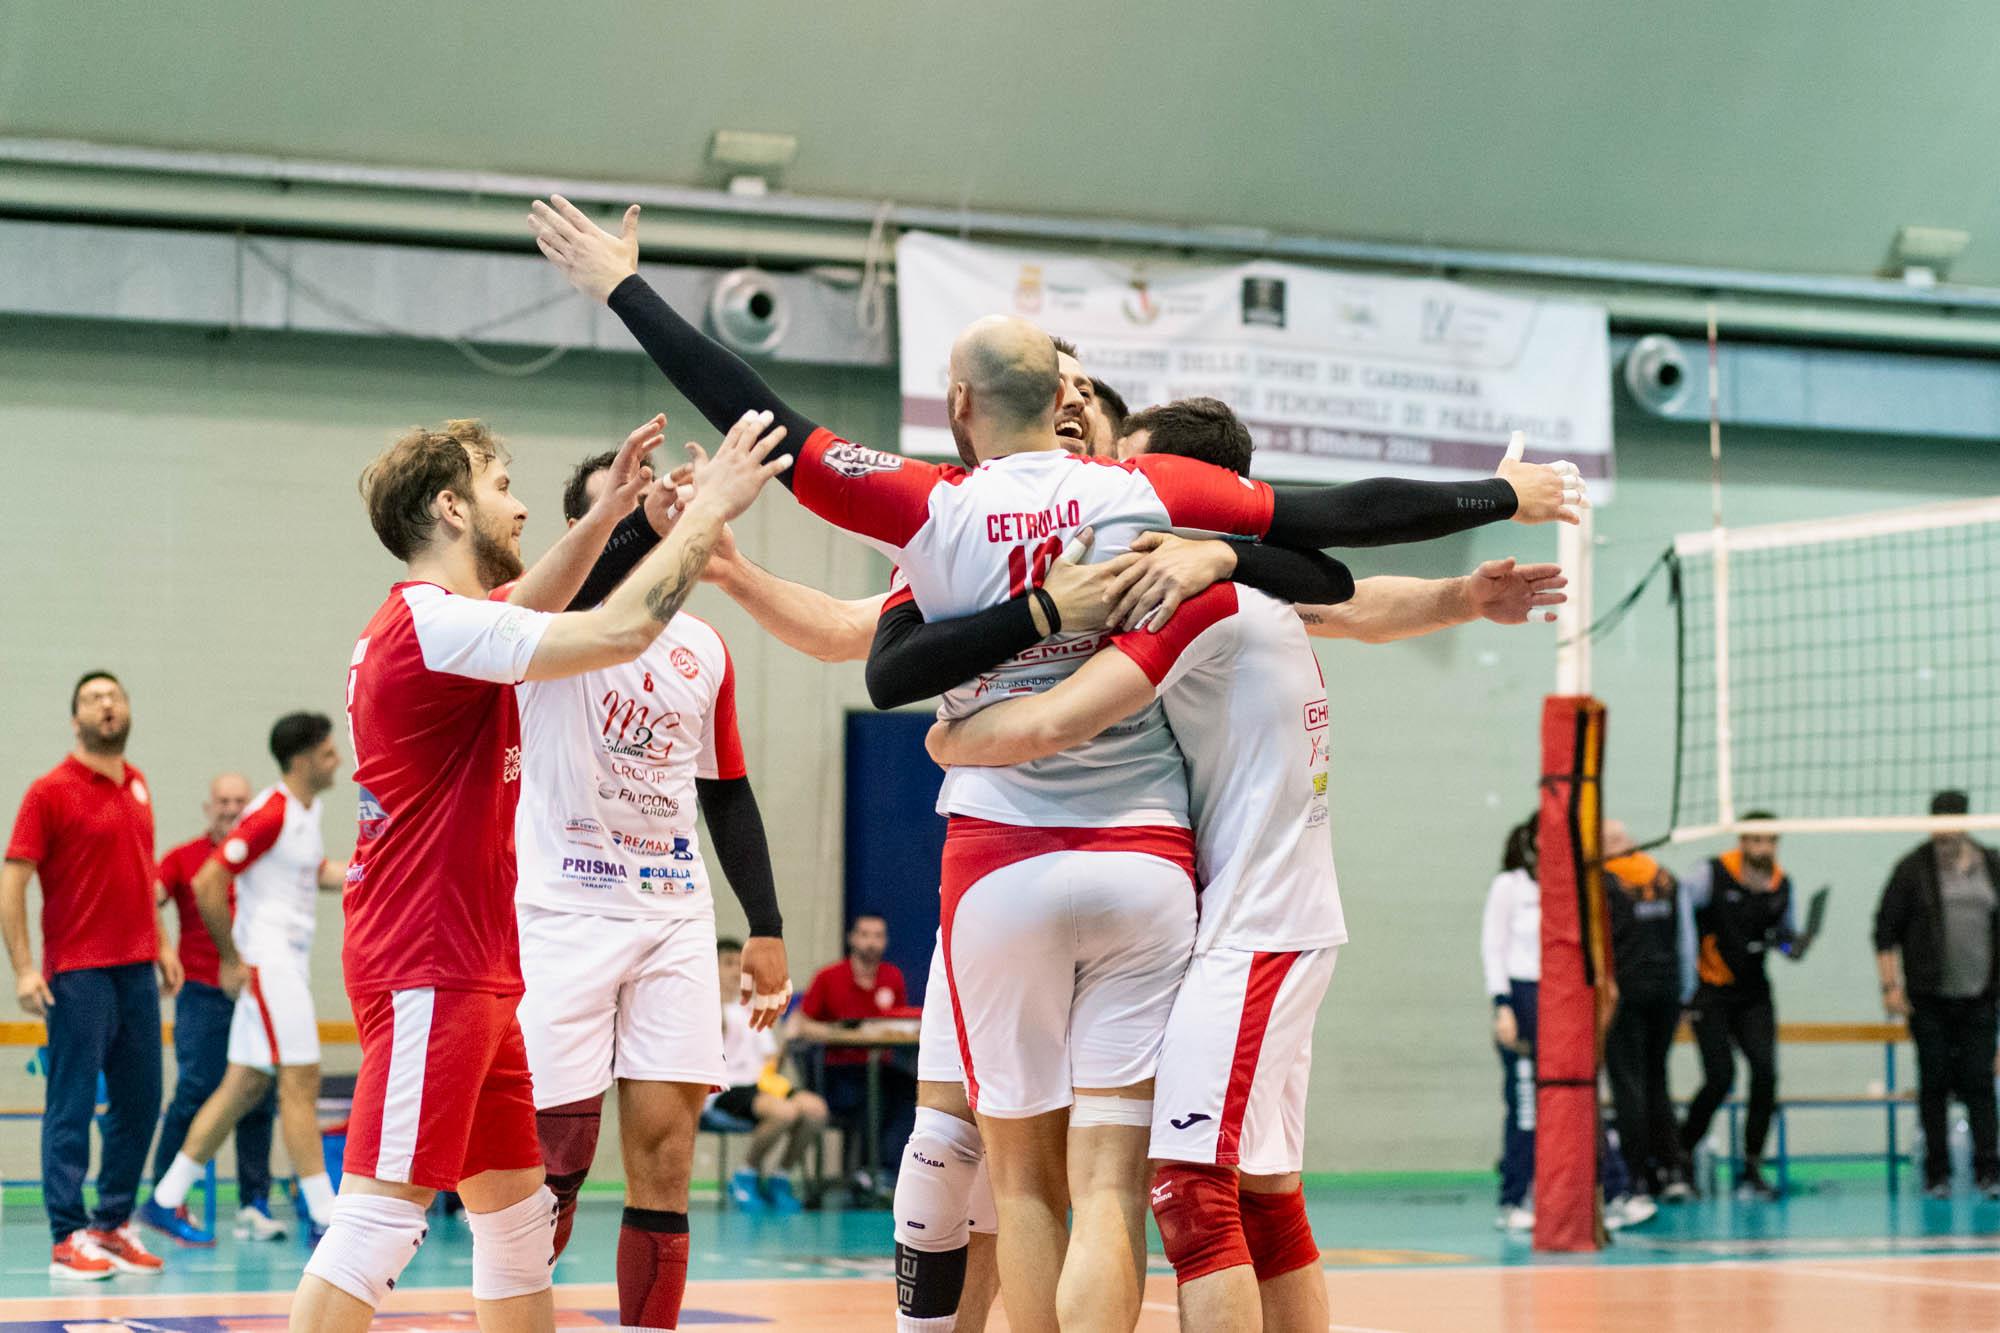 La M2G Group Bari conquista gara 1: al PalaCarbonara è vittoria per 3-0 contro la Fenice Pallavolo Roma